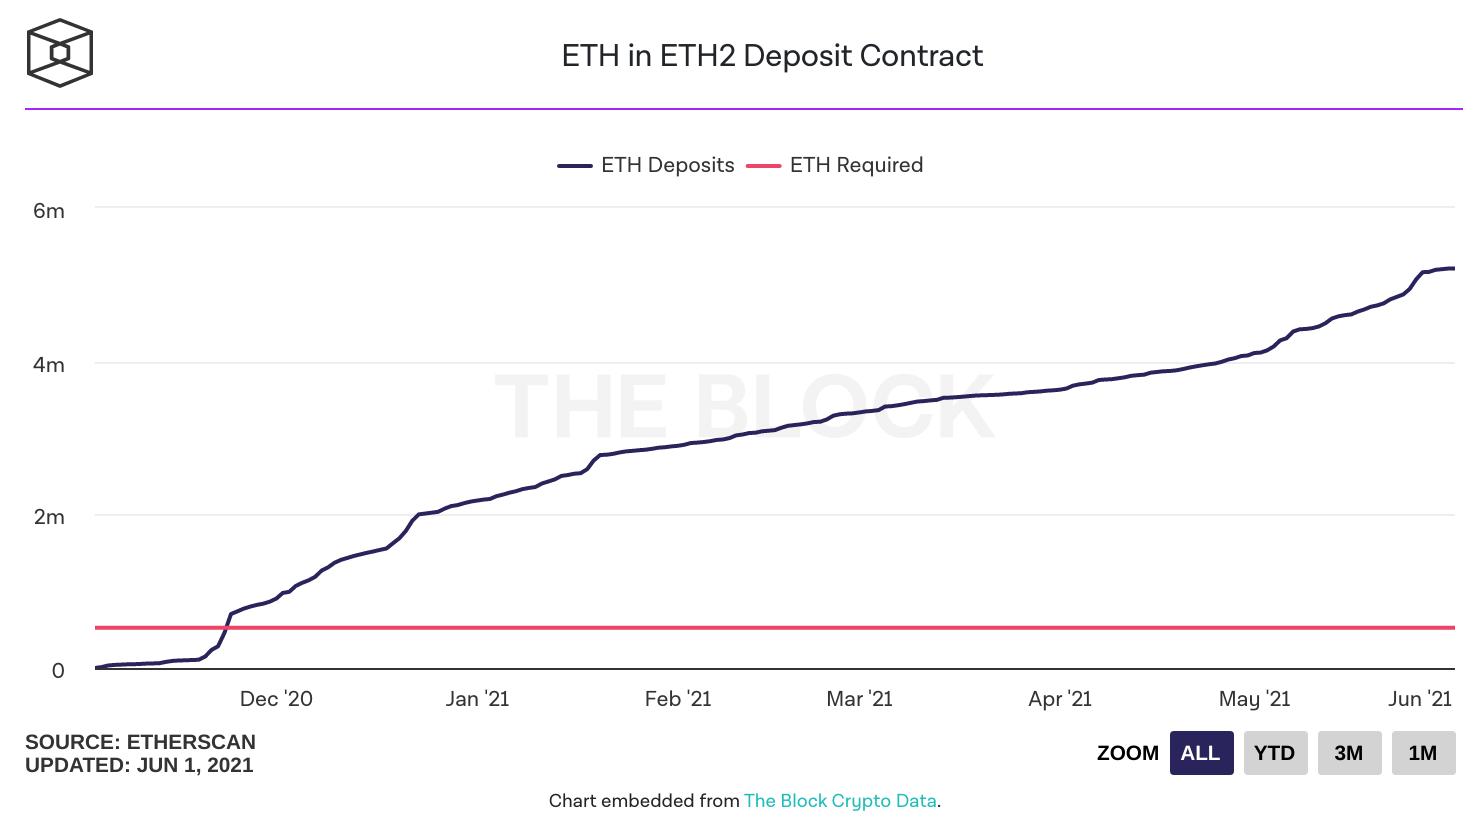 Évolution du nombre d'ETH stakés sur Ethereum 2.0